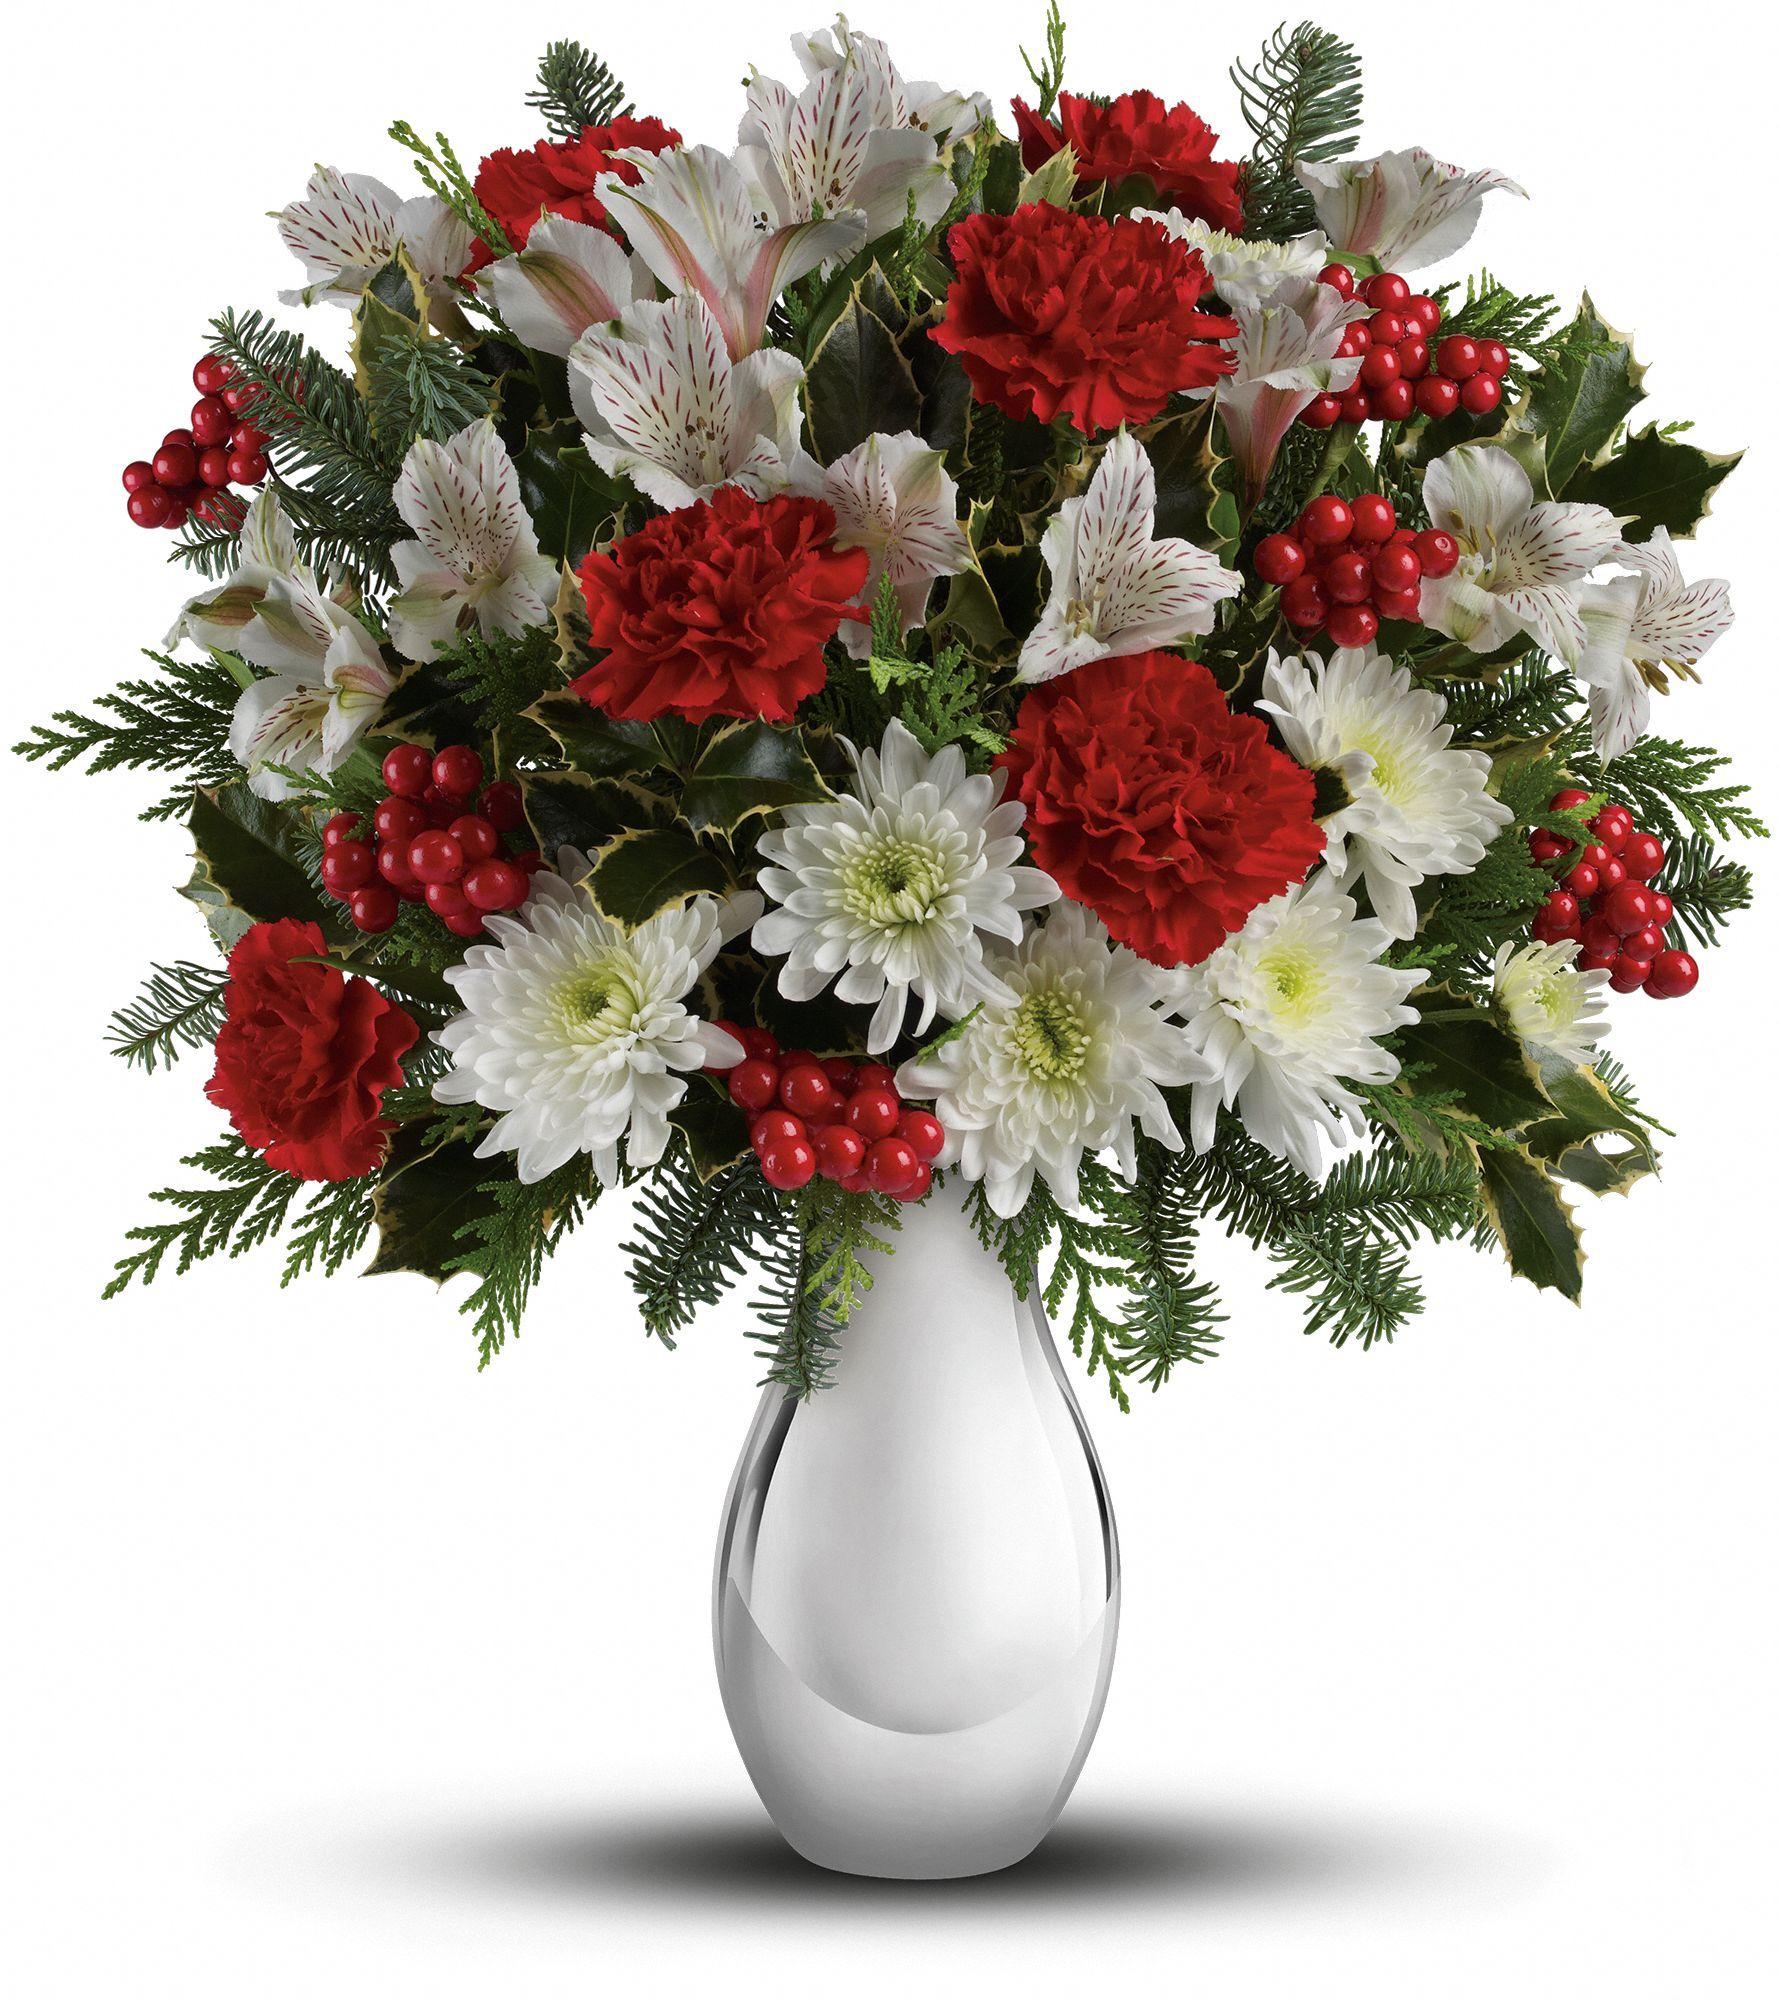 Cravos Vermelhos Astromelias Brancas E Crisantemos Brancos